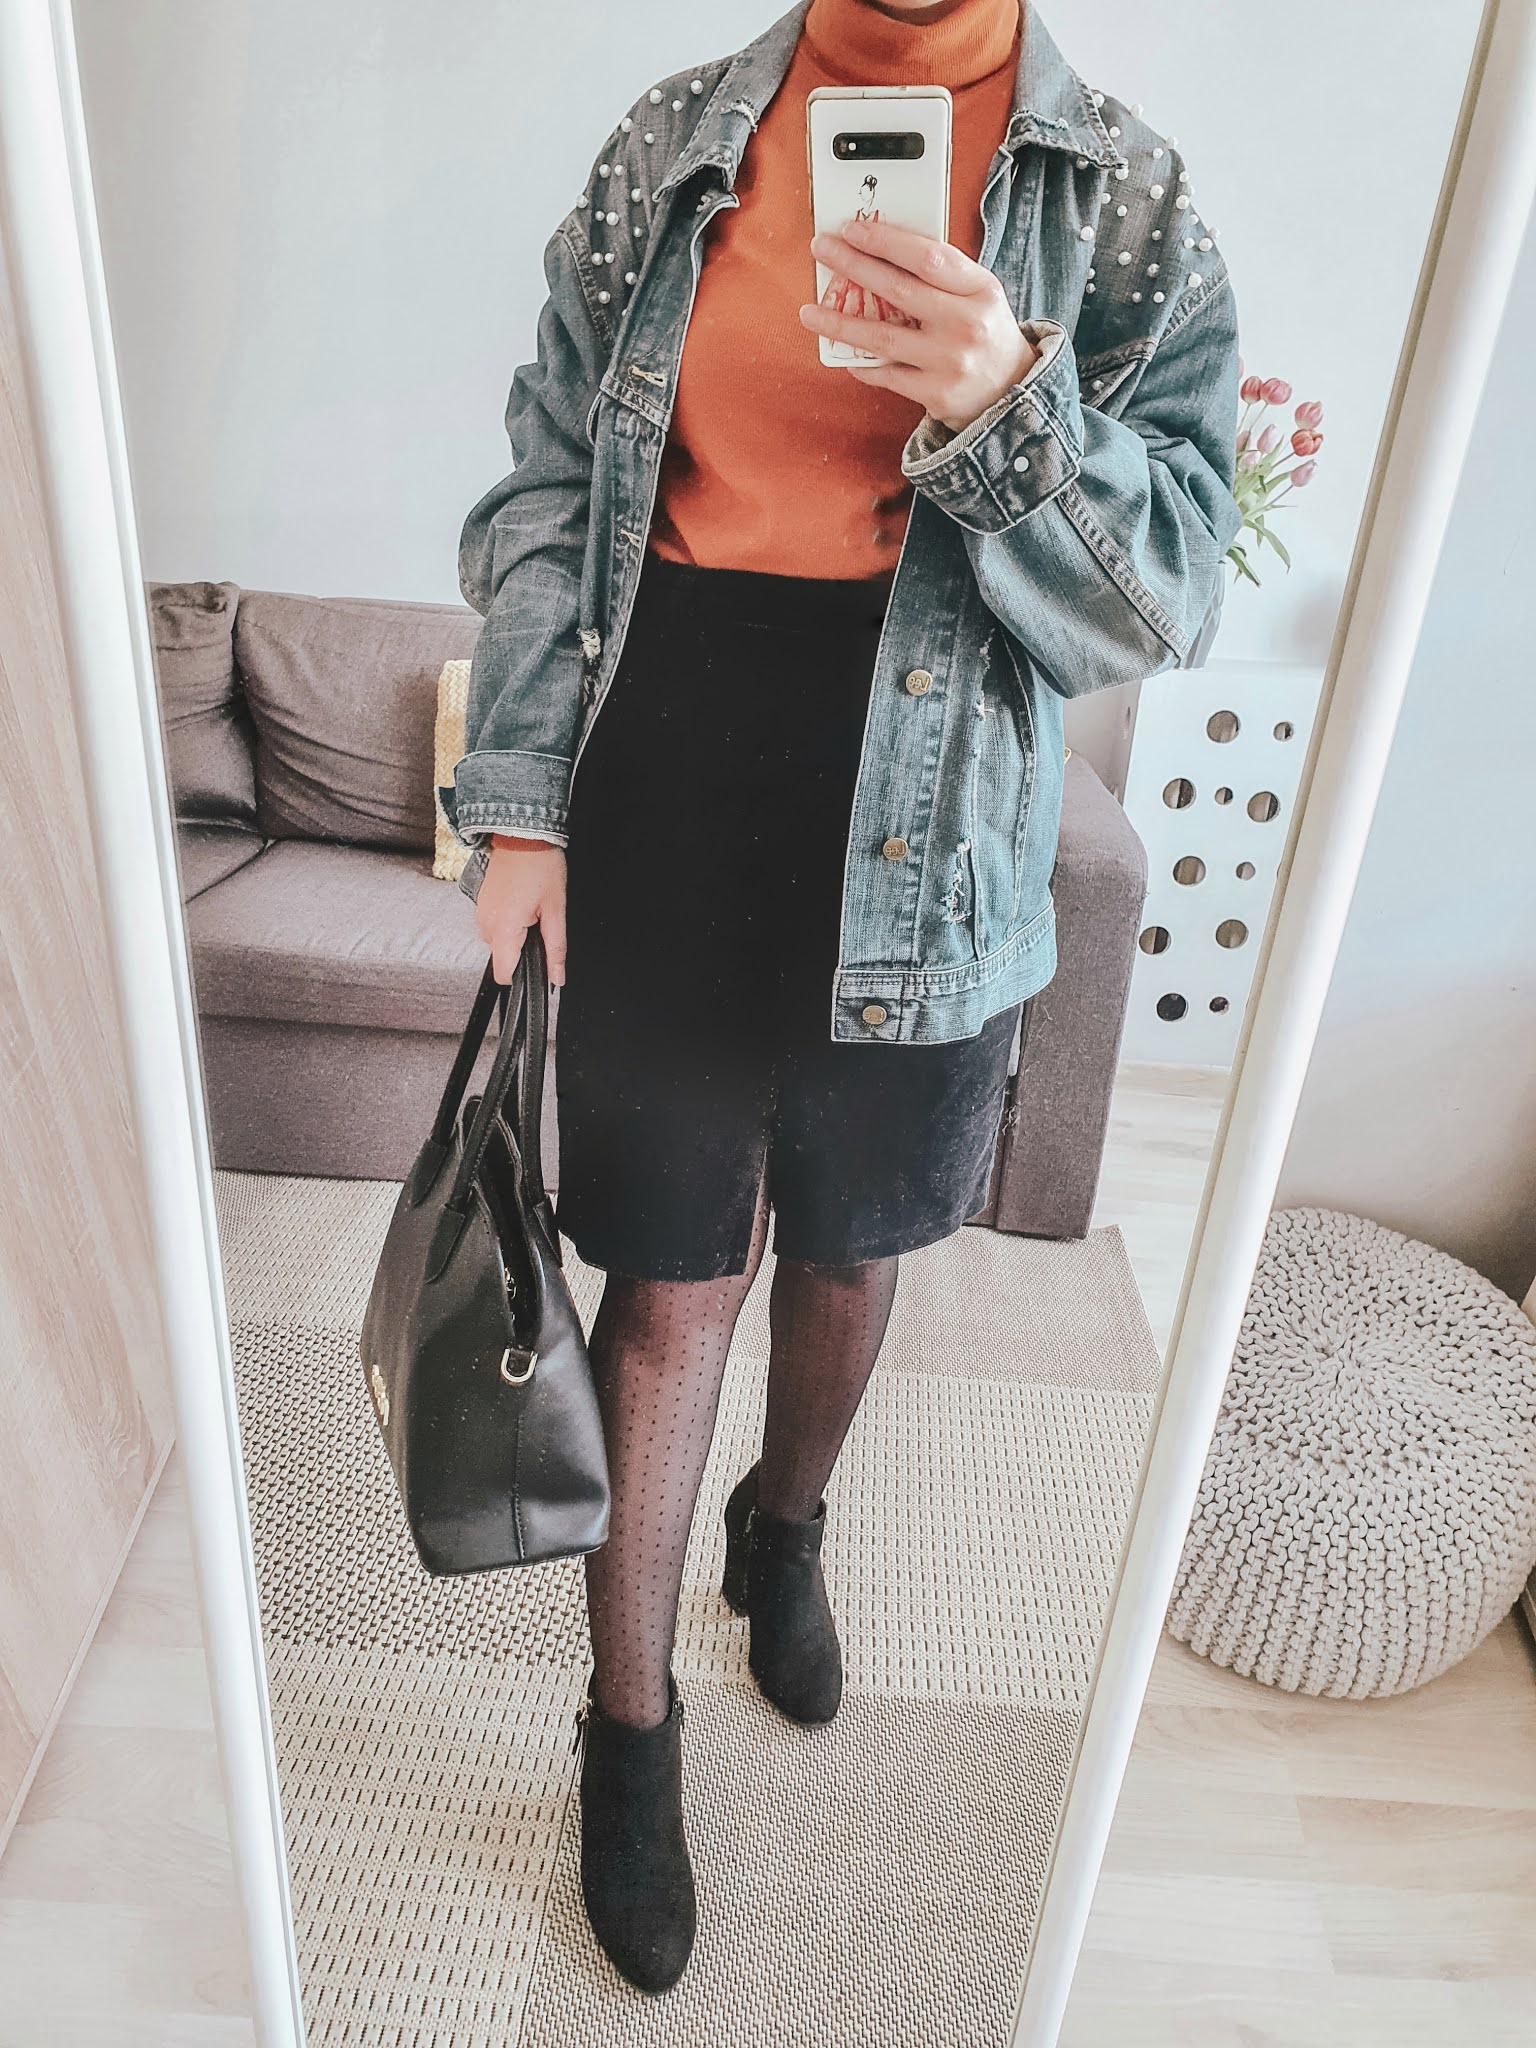 Kurtka jeansowa, stylizacje na co dzień. Jak nosić kurtkę jeansową? Cztery sposoby na modne stylizacje.